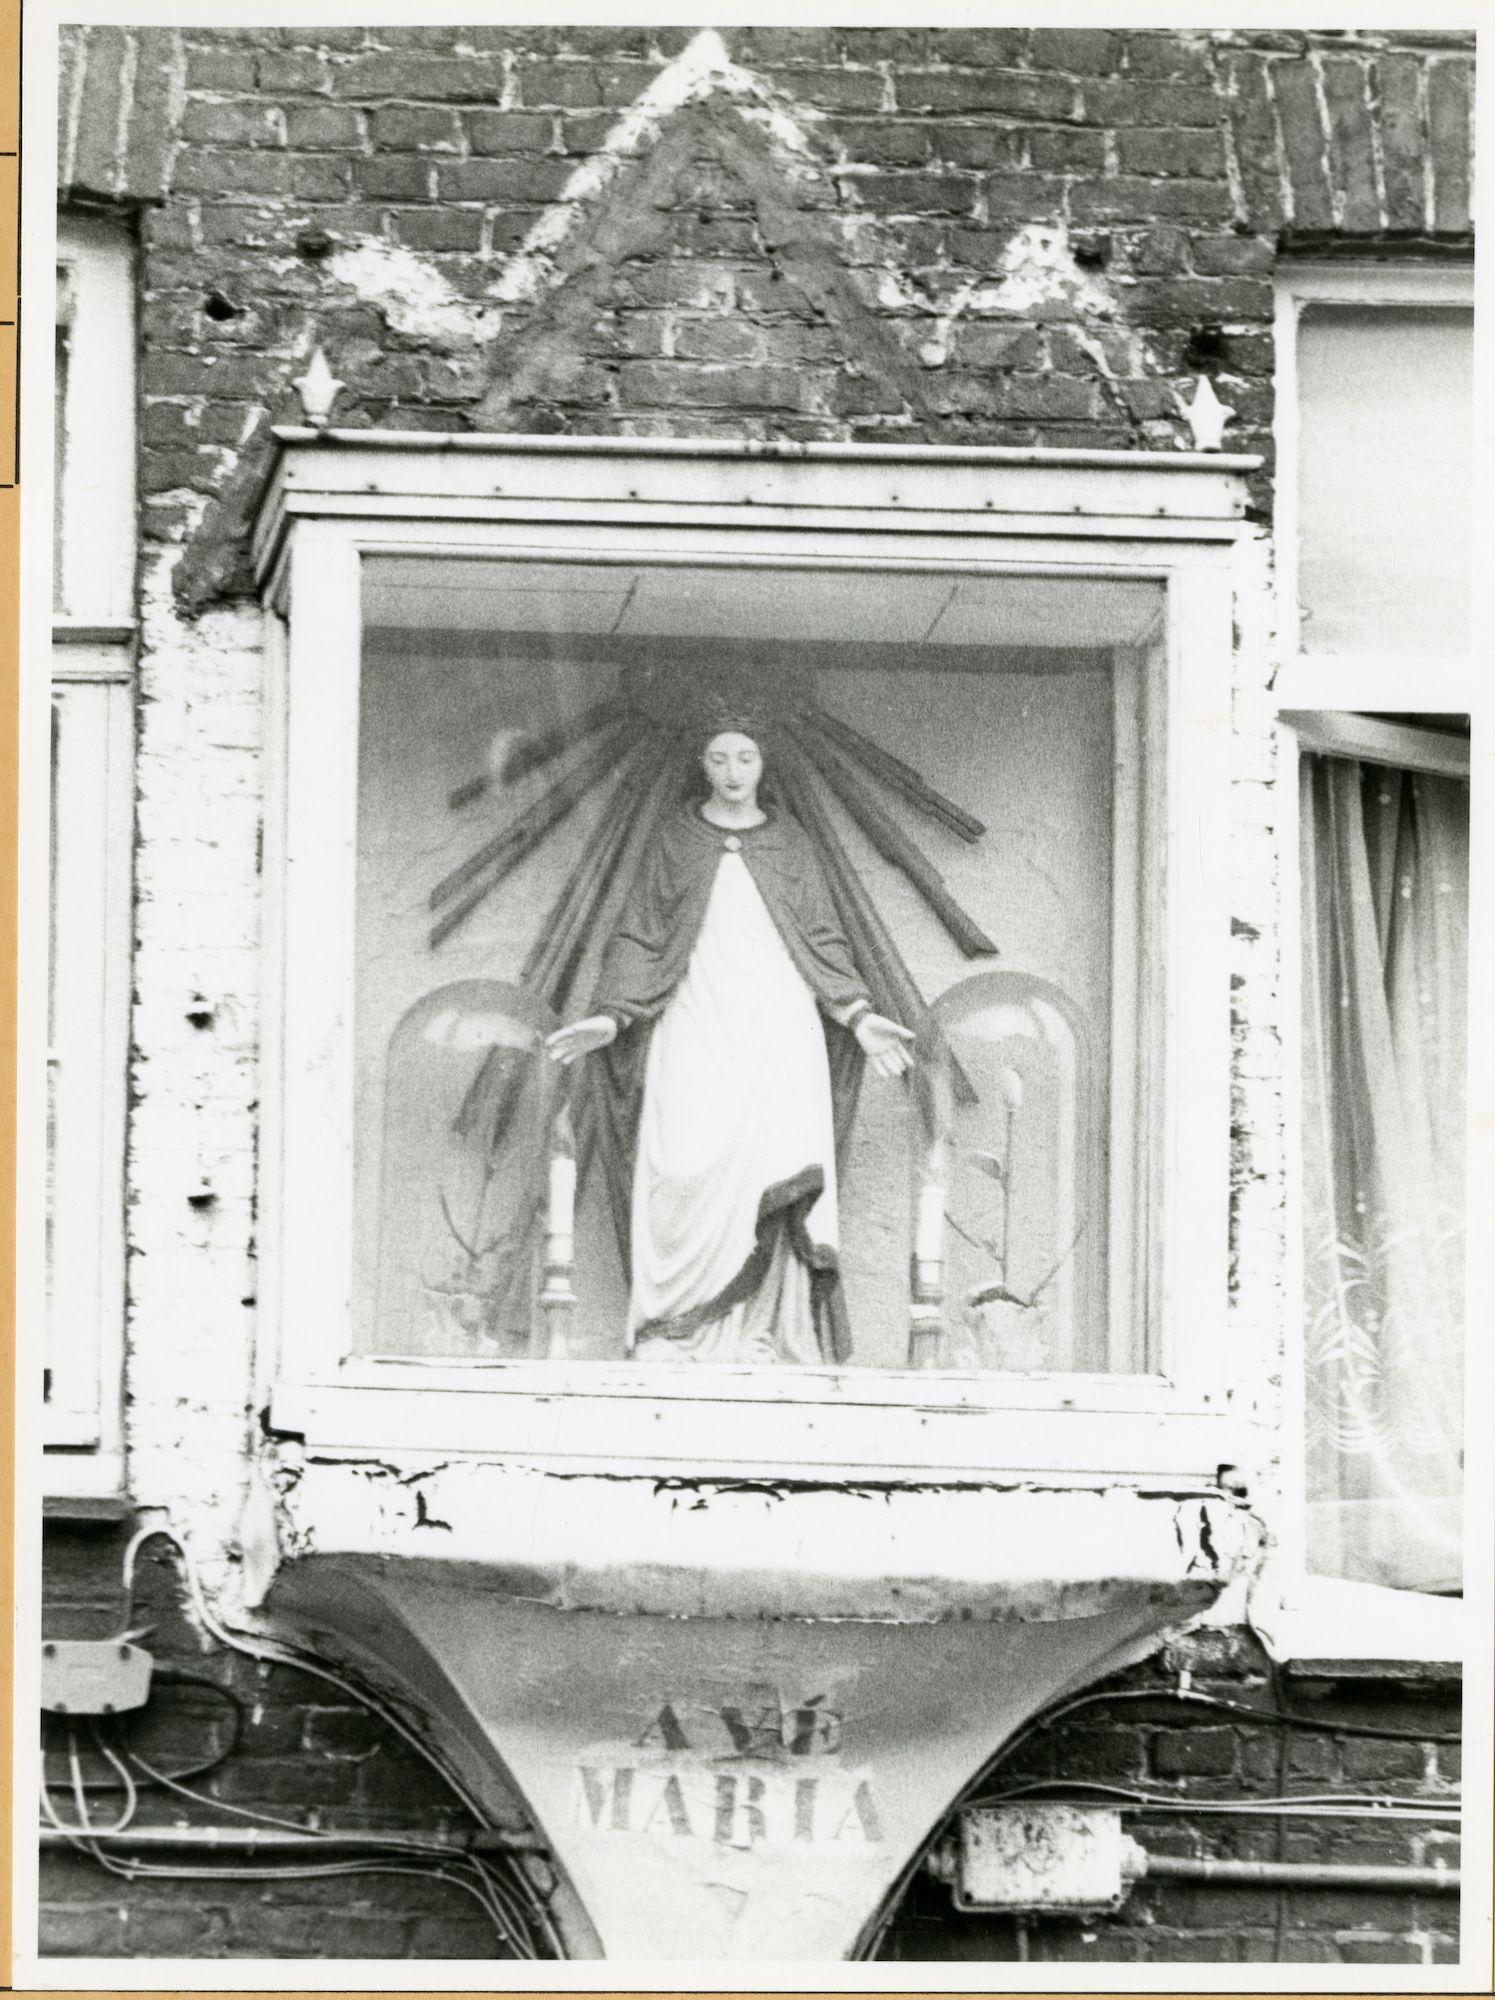 Gent: Kasteellaan 114: Gevelkapel, 1979